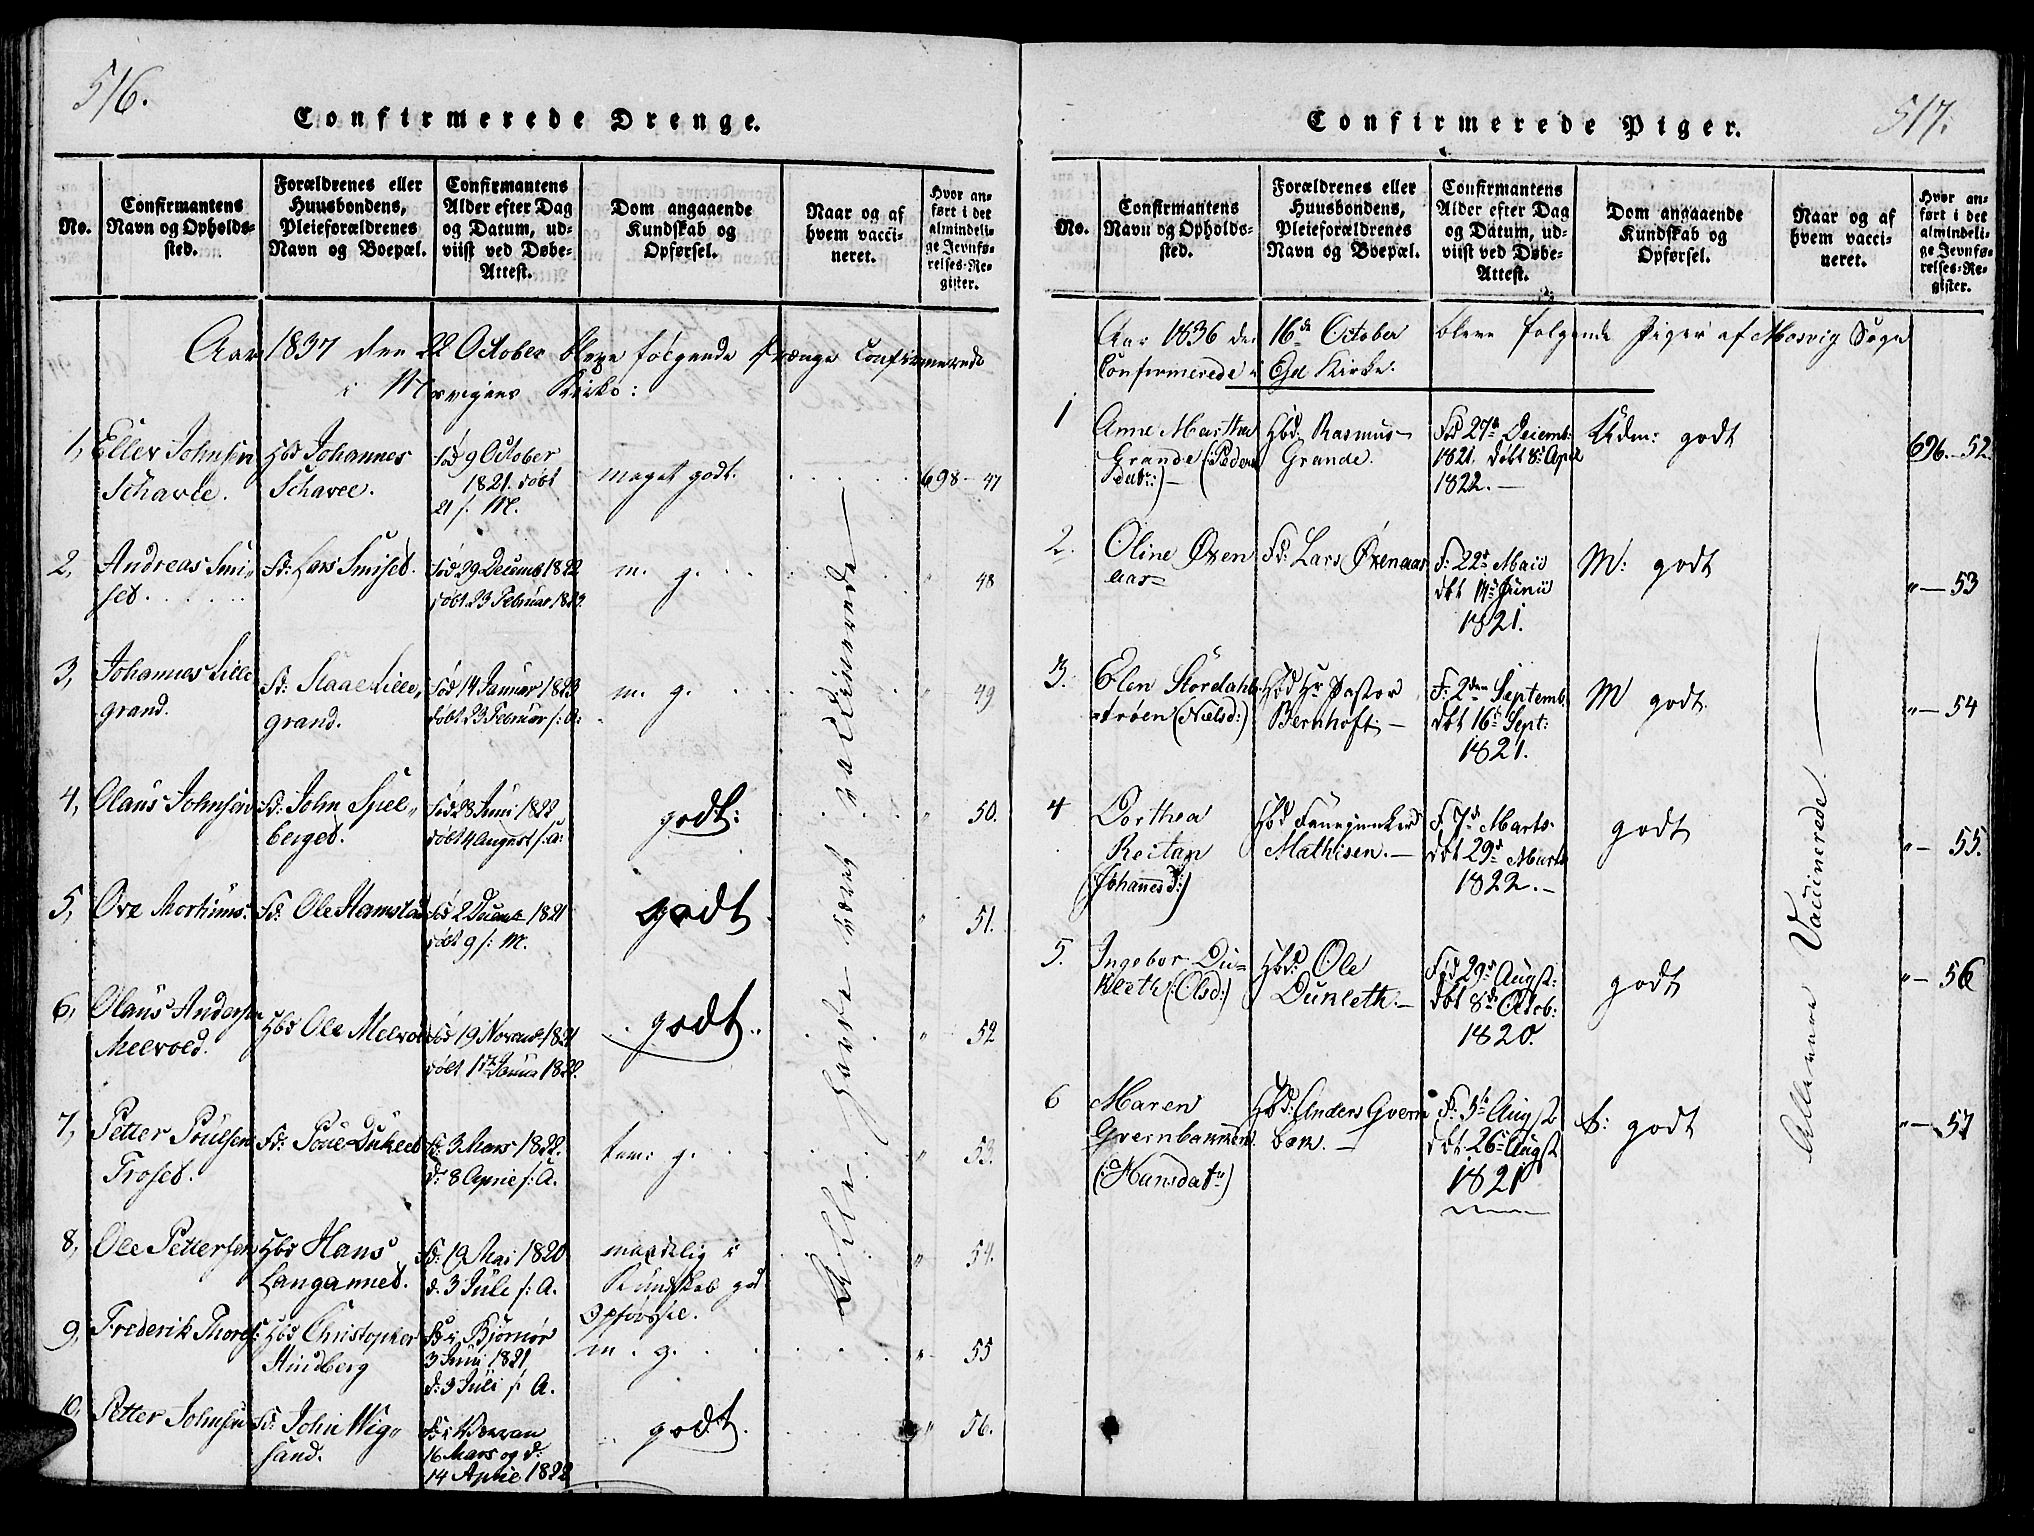 SAT, Ministerialprotokoller, klokkerbøker og fødselsregistre - Nord-Trøndelag, 733/L0322: Ministerialbok nr. 733A01, 1817-1842, s. 516-517